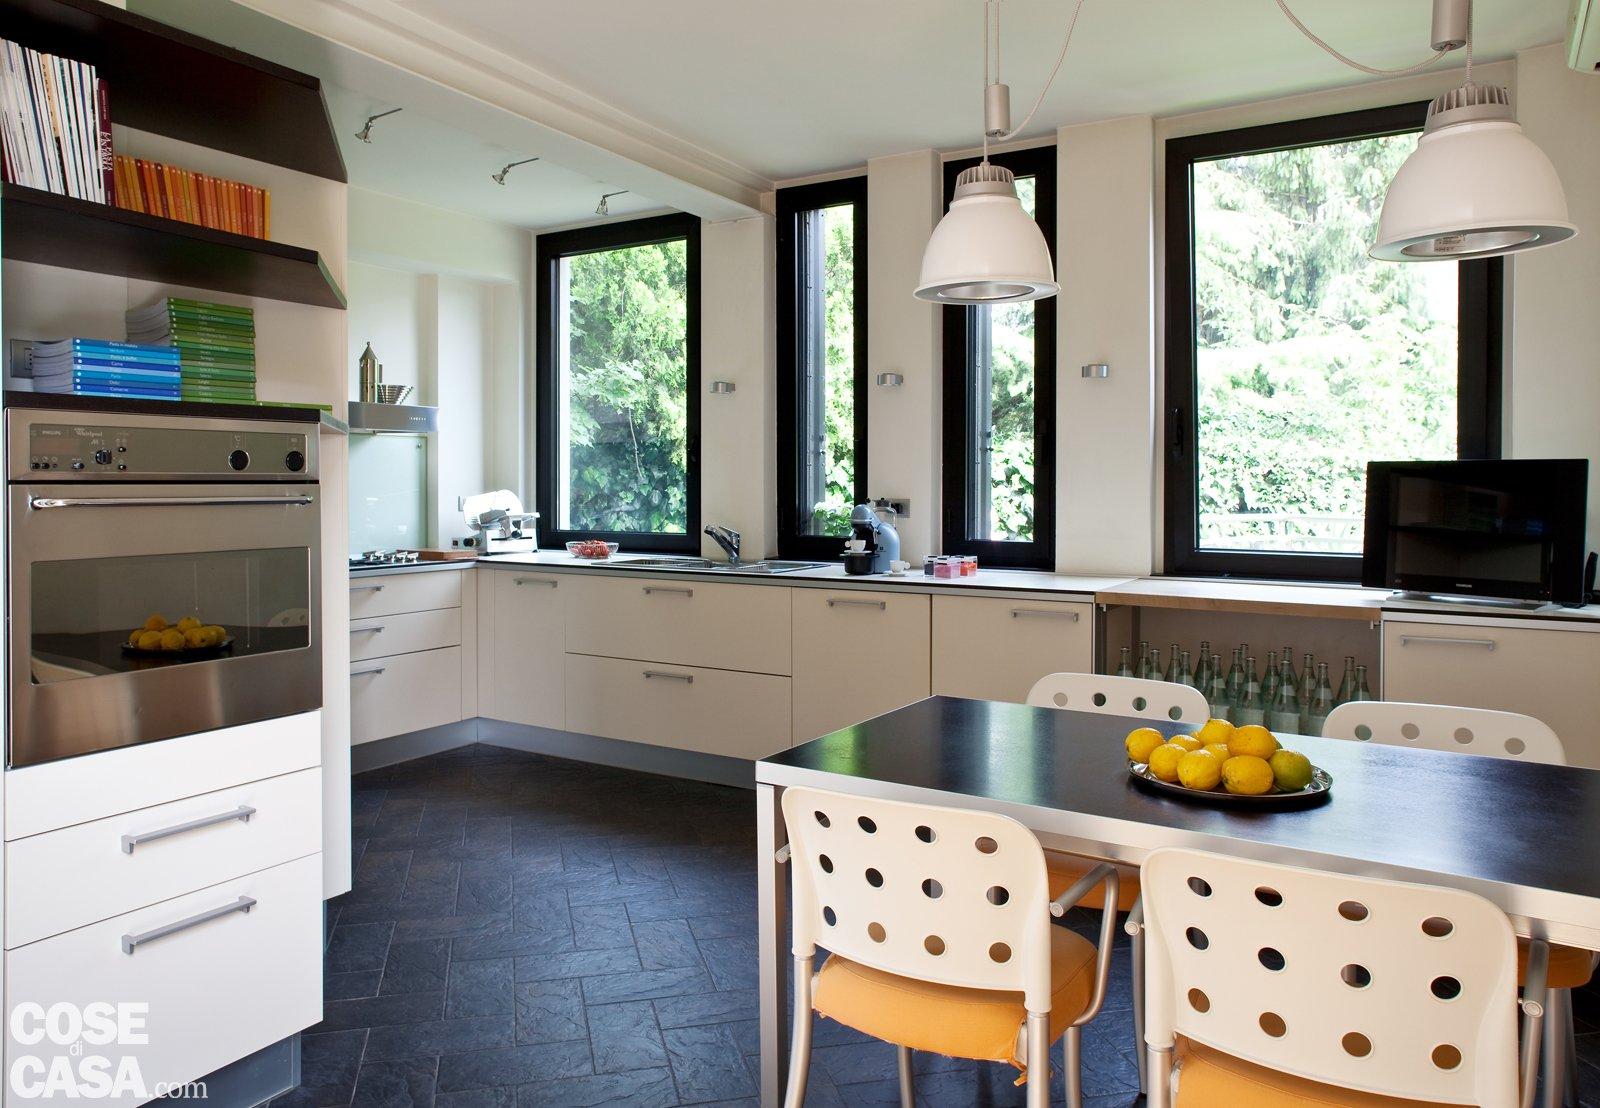 Una casa con soluzioni che moltiplicano la luce cose di casa - Cucina per casa ...